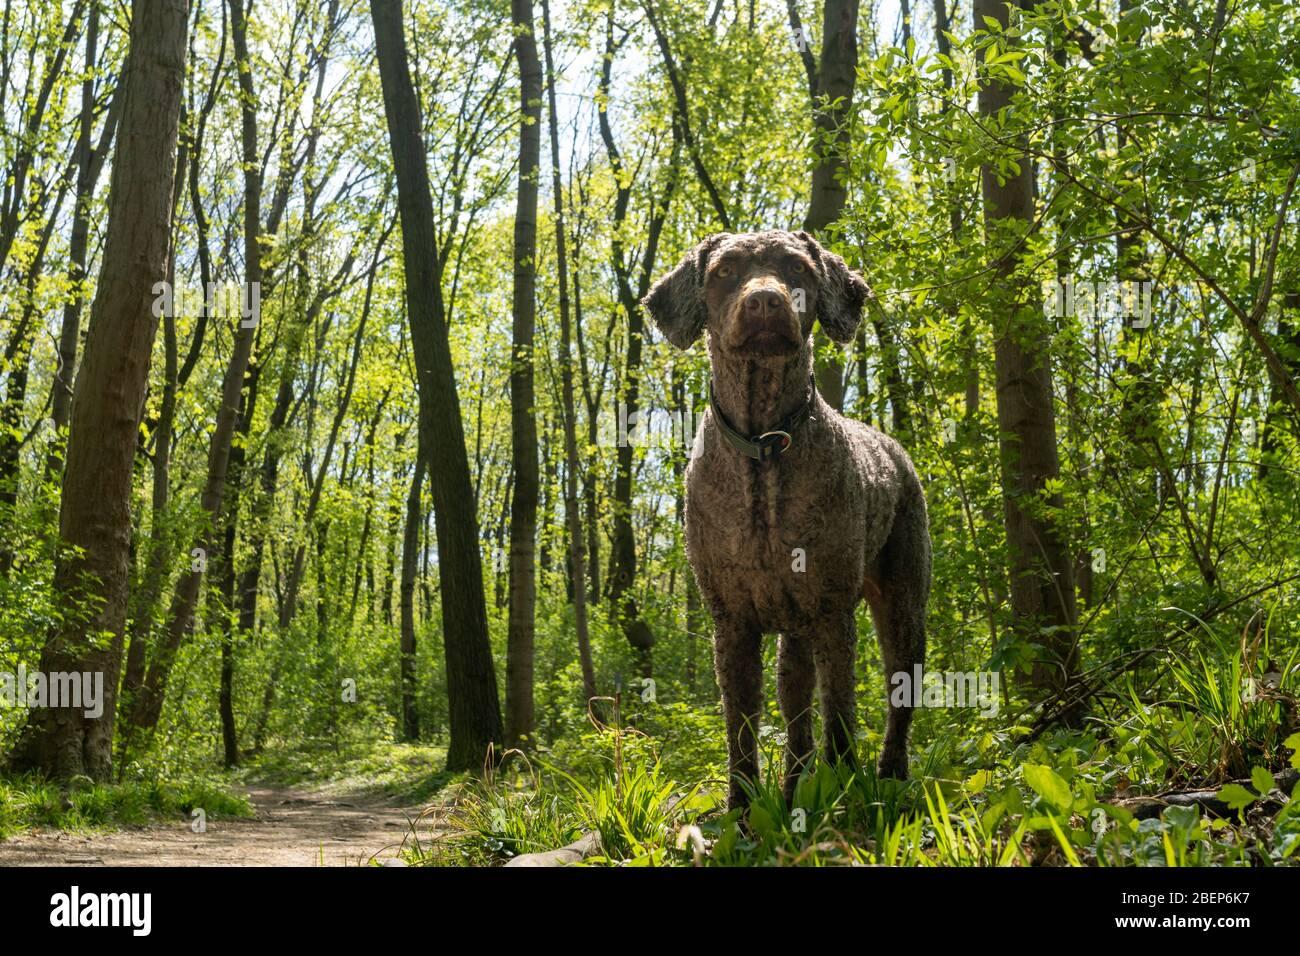 Italian Water Dog Stockfotos Und Bilder Kaufen Alamy